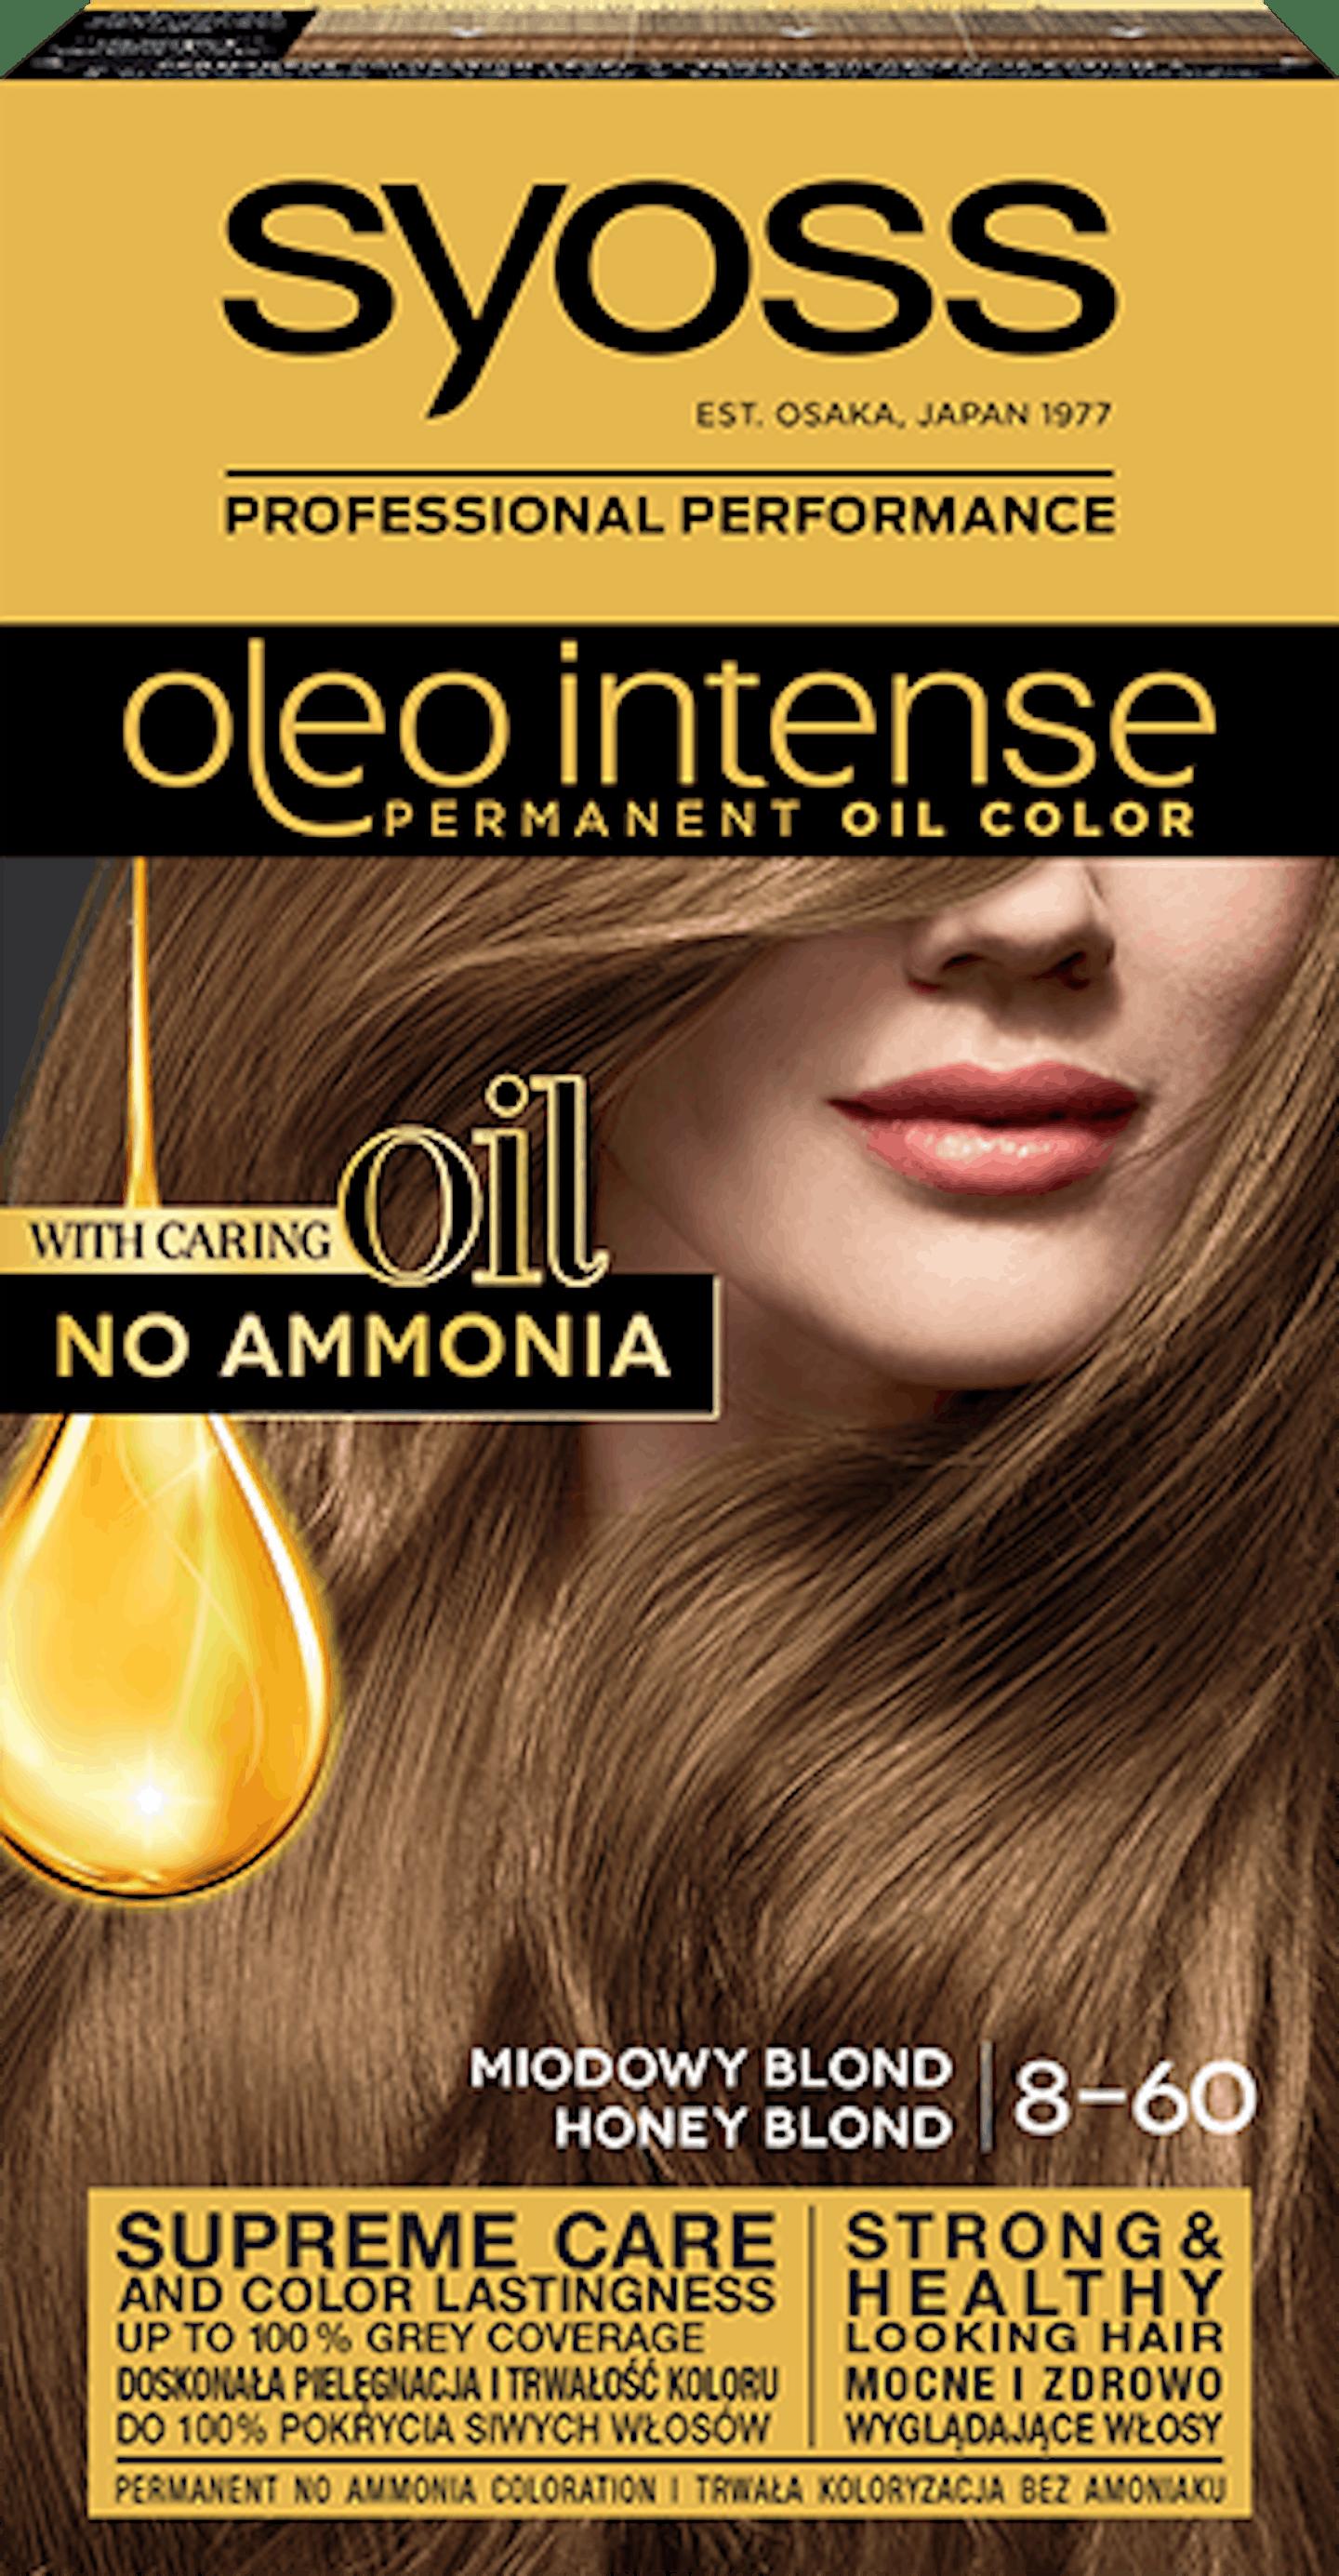 Oleo intense vopsea permanentă cu ulei - nuanta blond miere 8-60